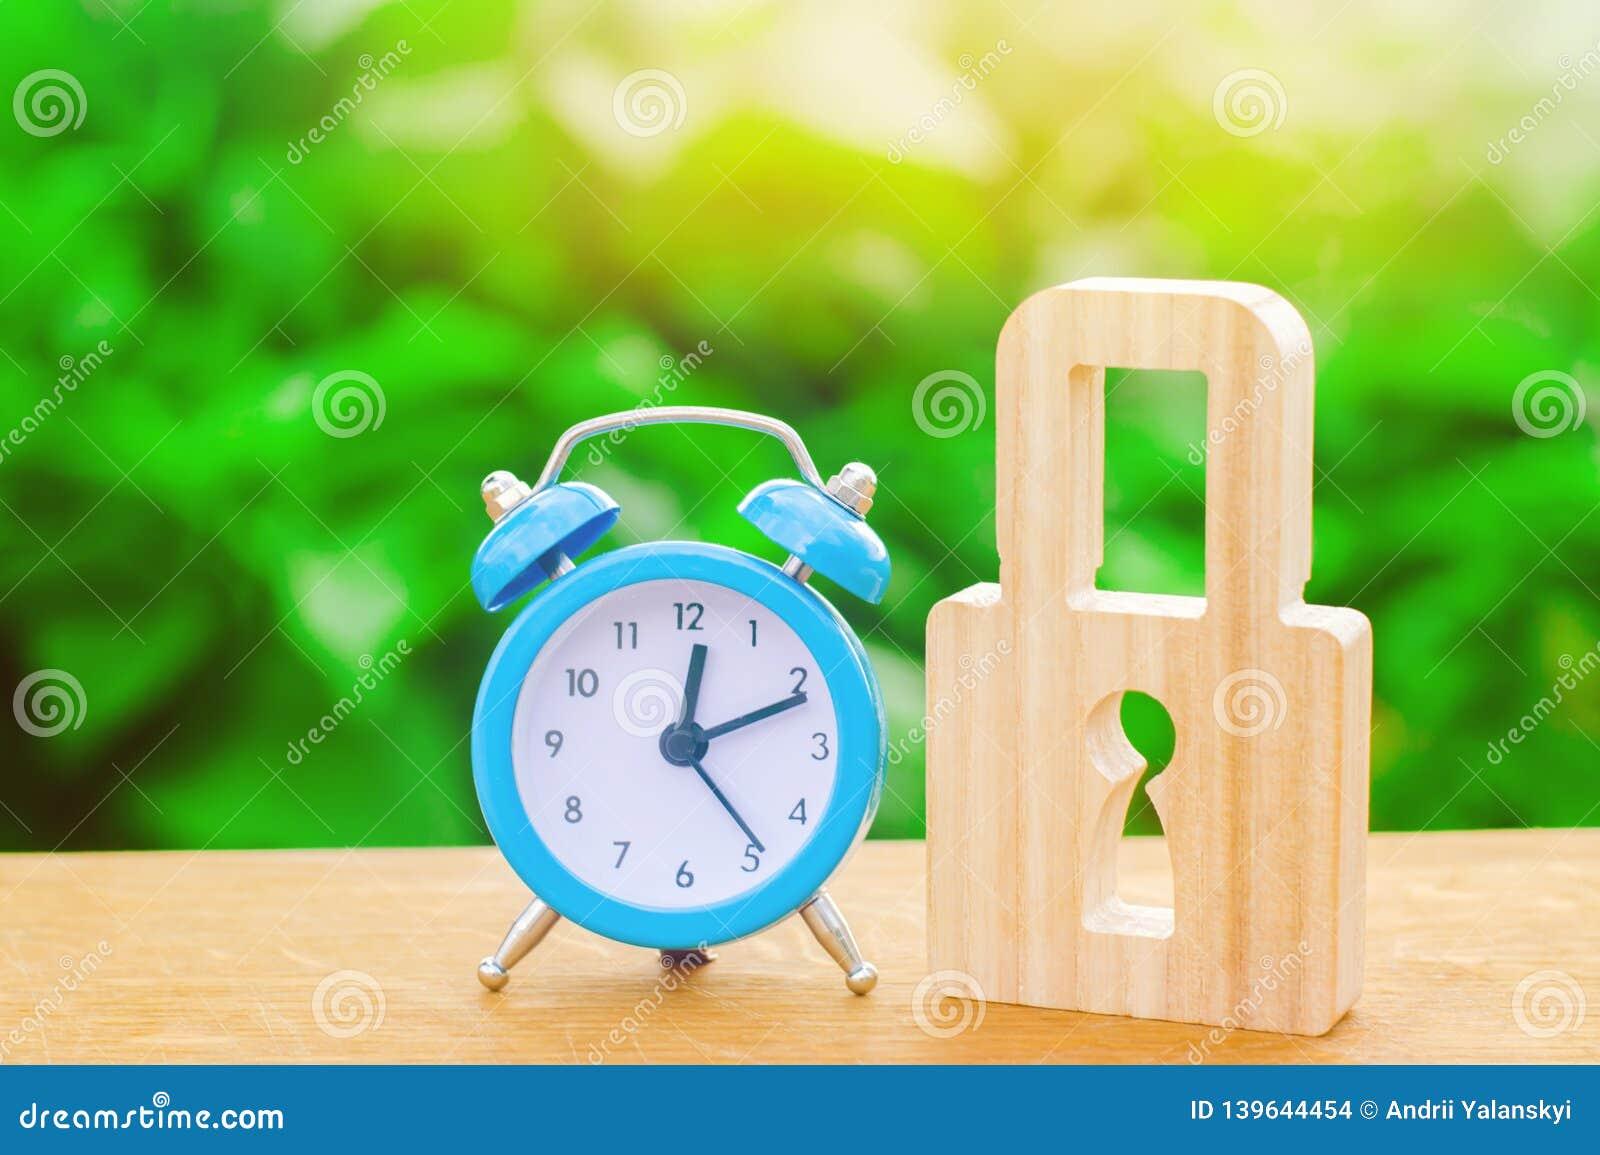 Blauer Wecker und Vorhängeschloß Erprobter Schutz und Stabilität des nichthaltbaren Schutzes Einsparungszeit Das Konzept von eine